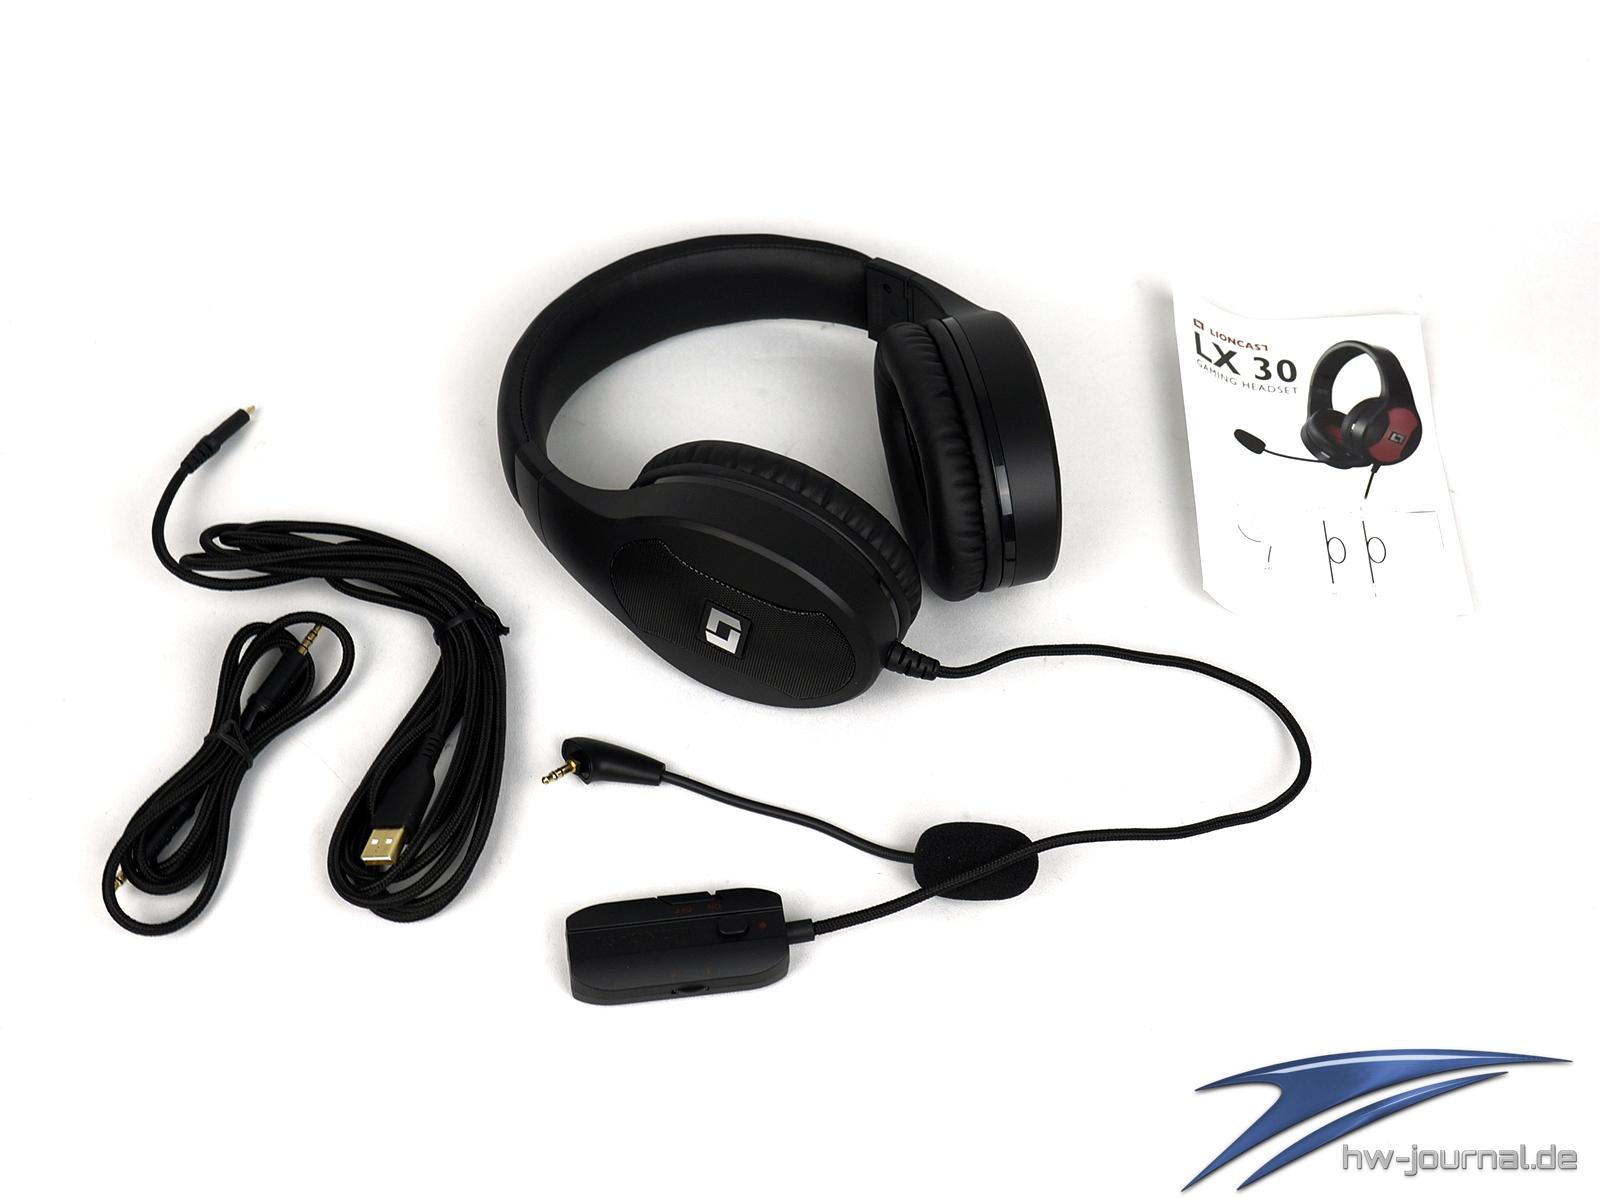 test lioncast lx30 gaming headset hardware journal. Black Bedroom Furniture Sets. Home Design Ideas